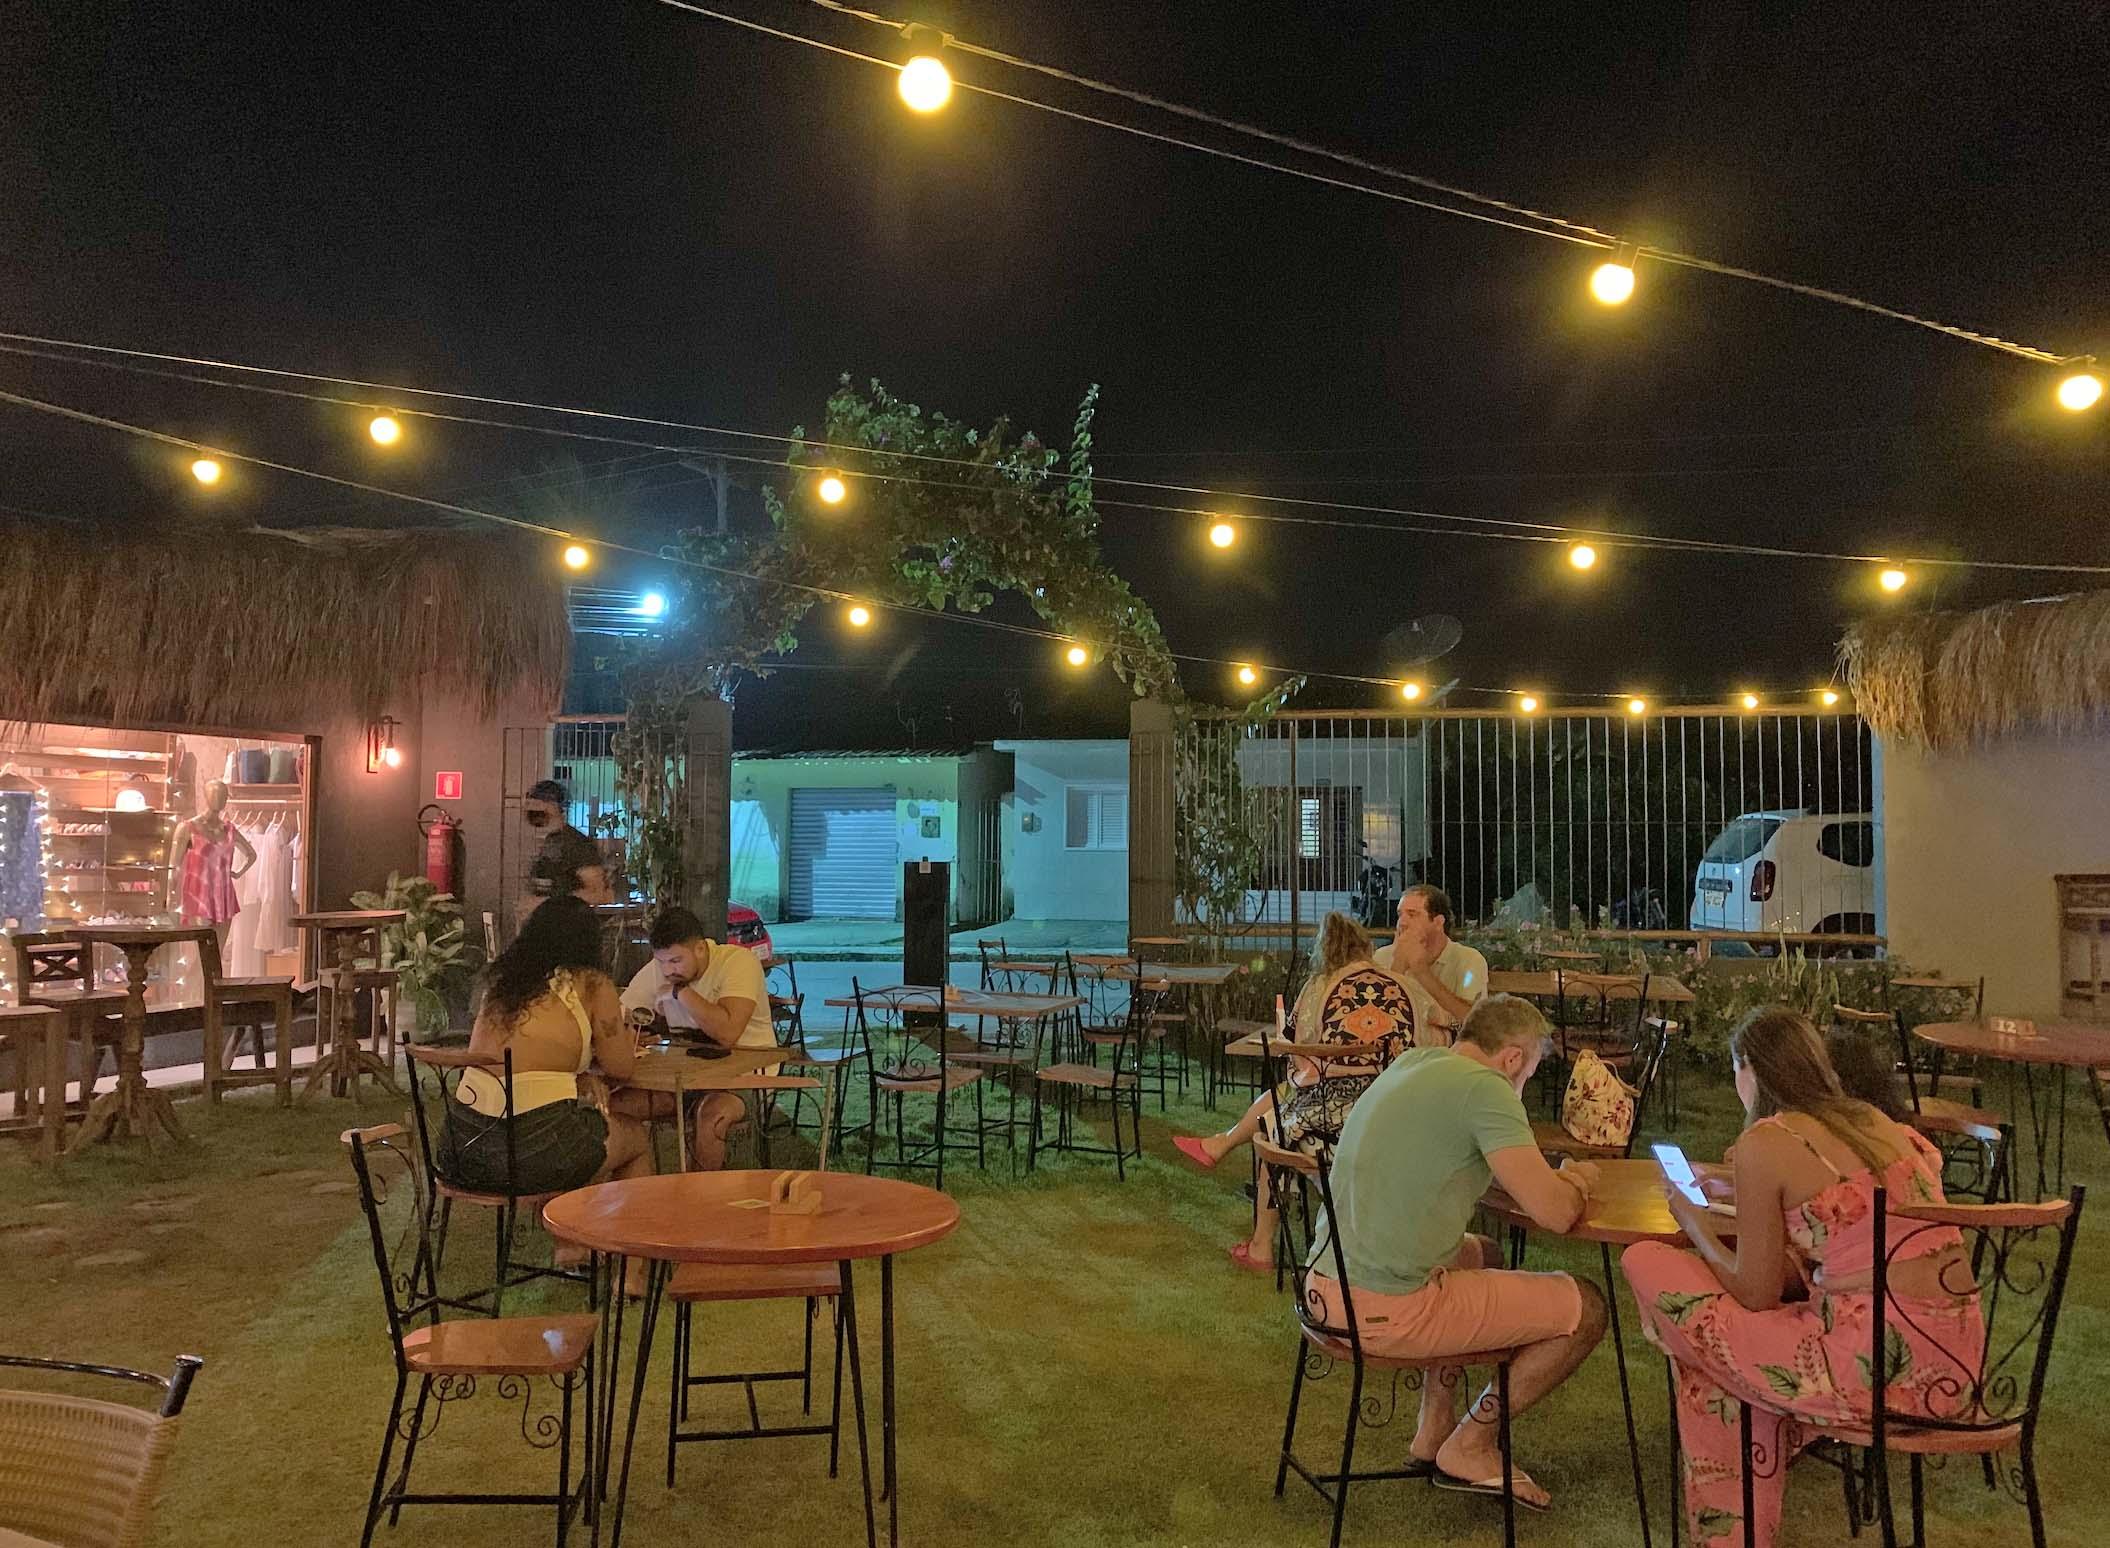 vila milagres - restaurantes em milagres - onde comer